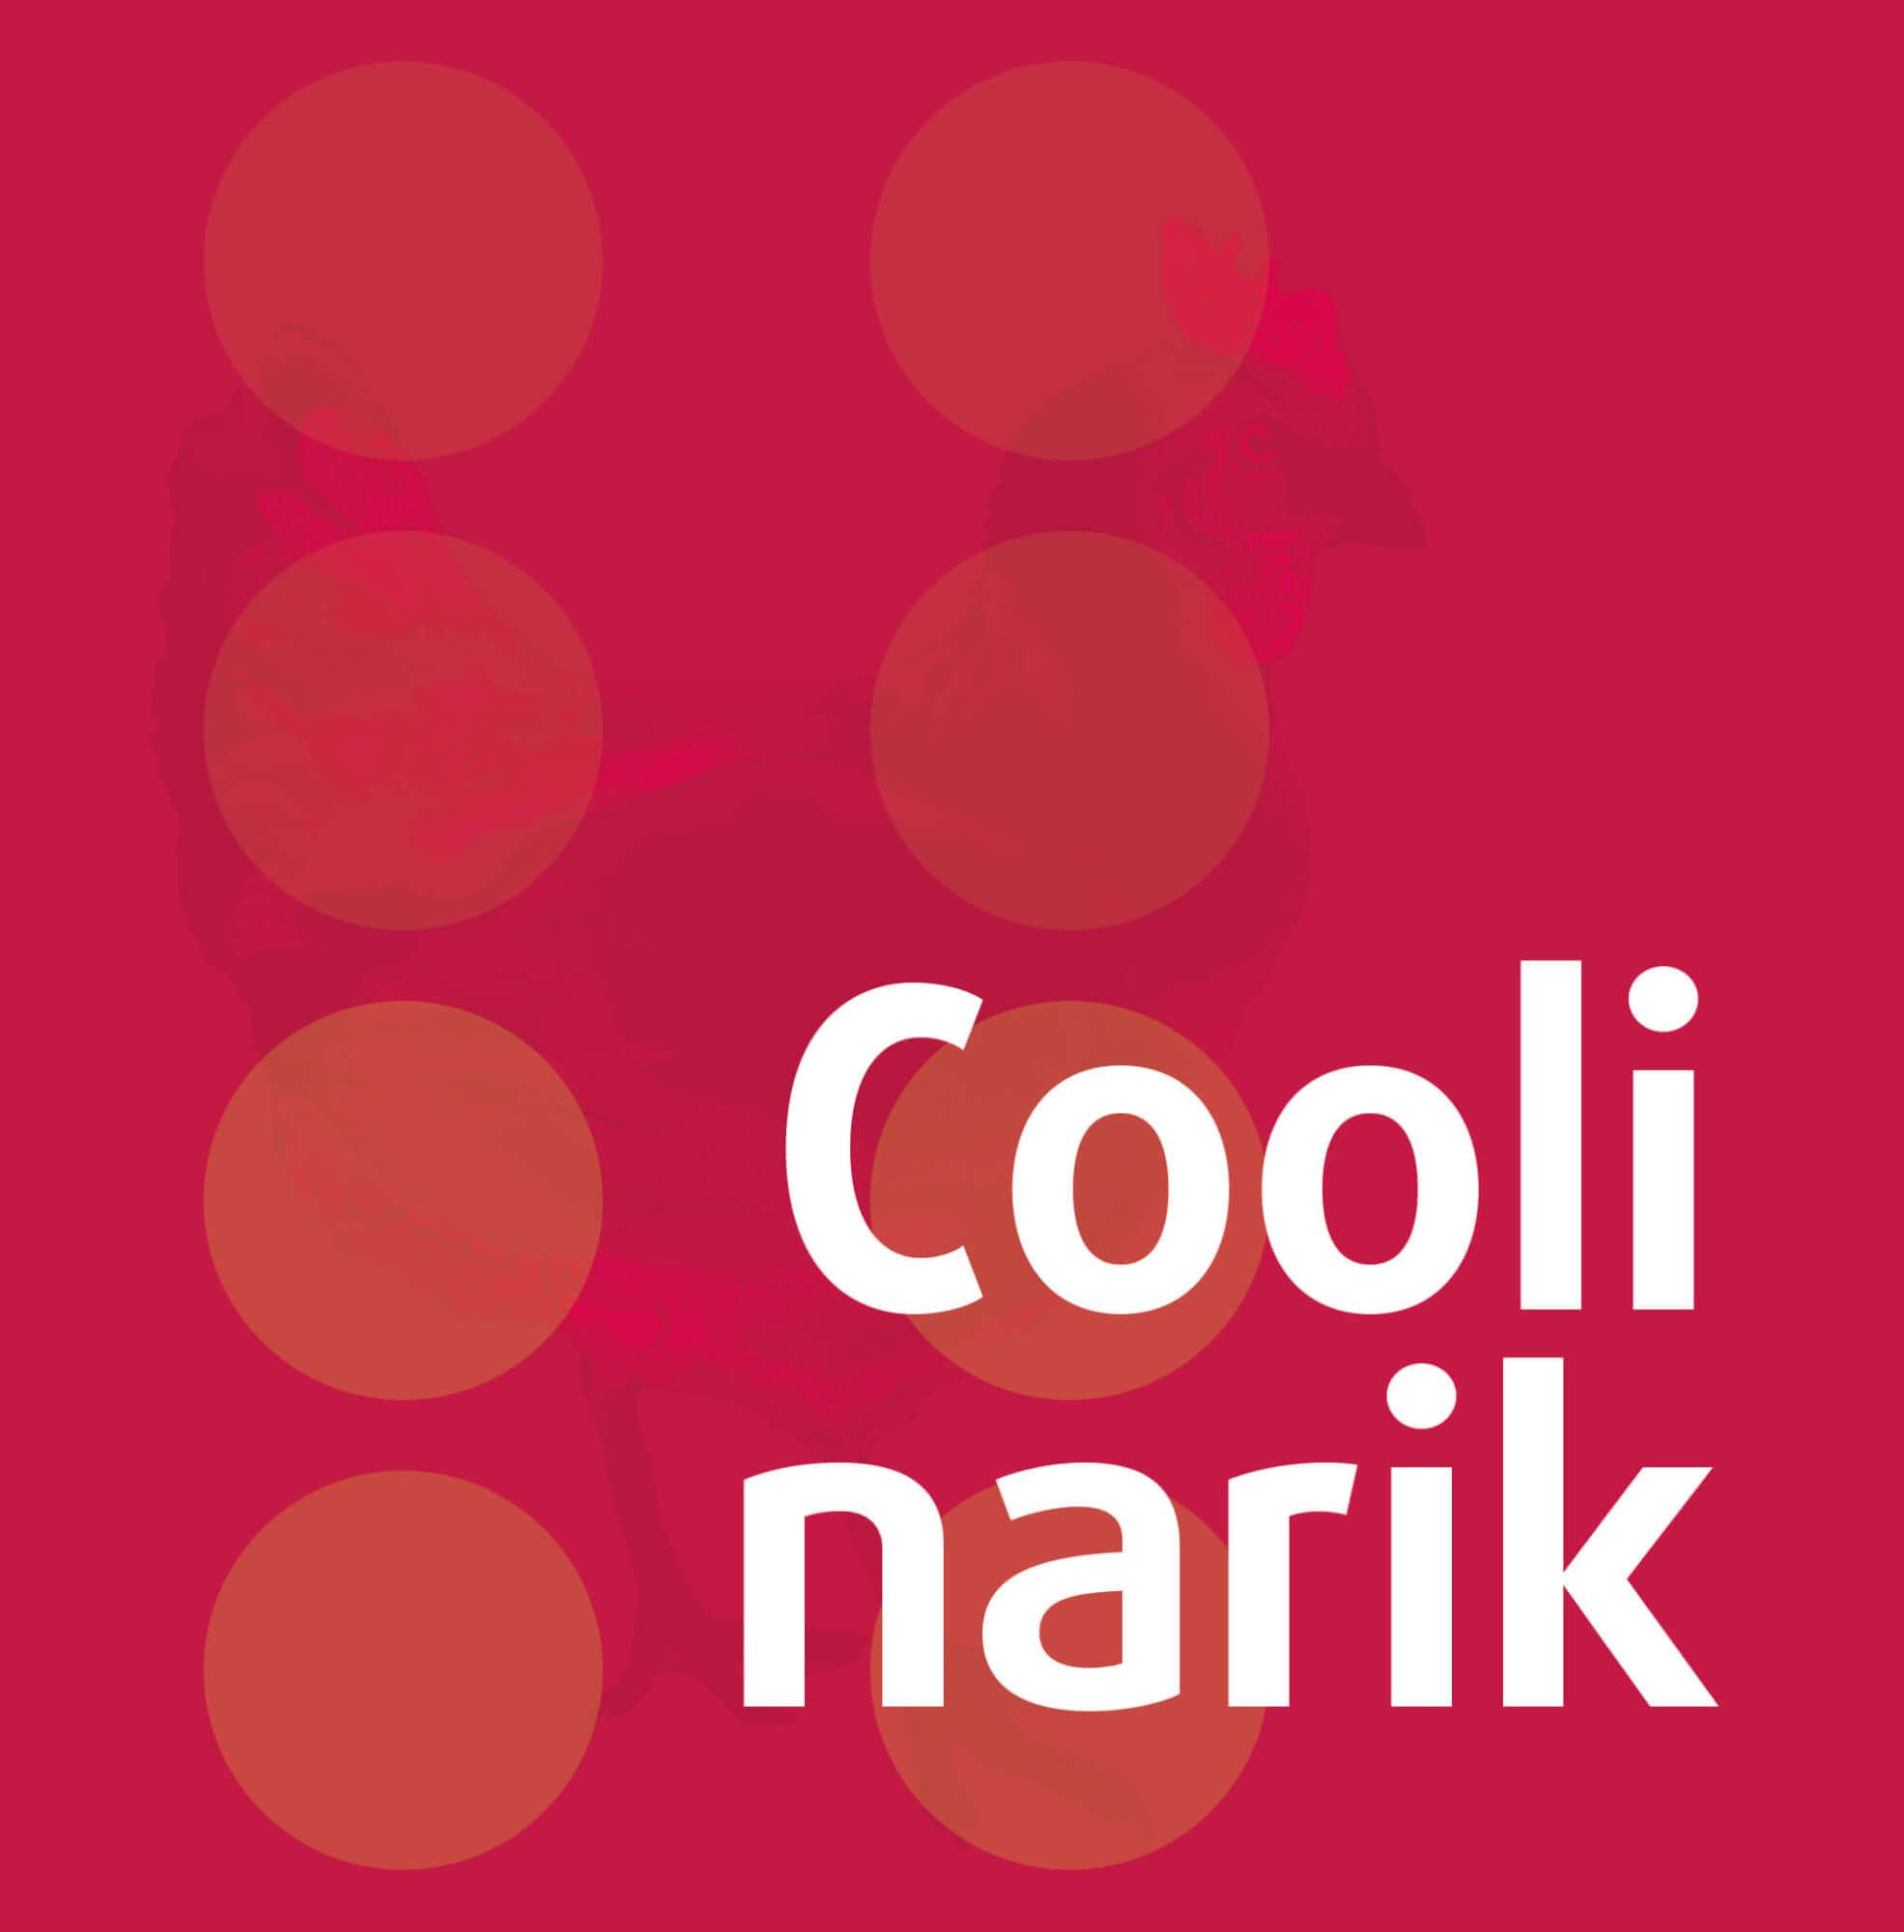 Coolinarik (Schmuckbild) Synonym Cool und Kulinarisch - Handwerk